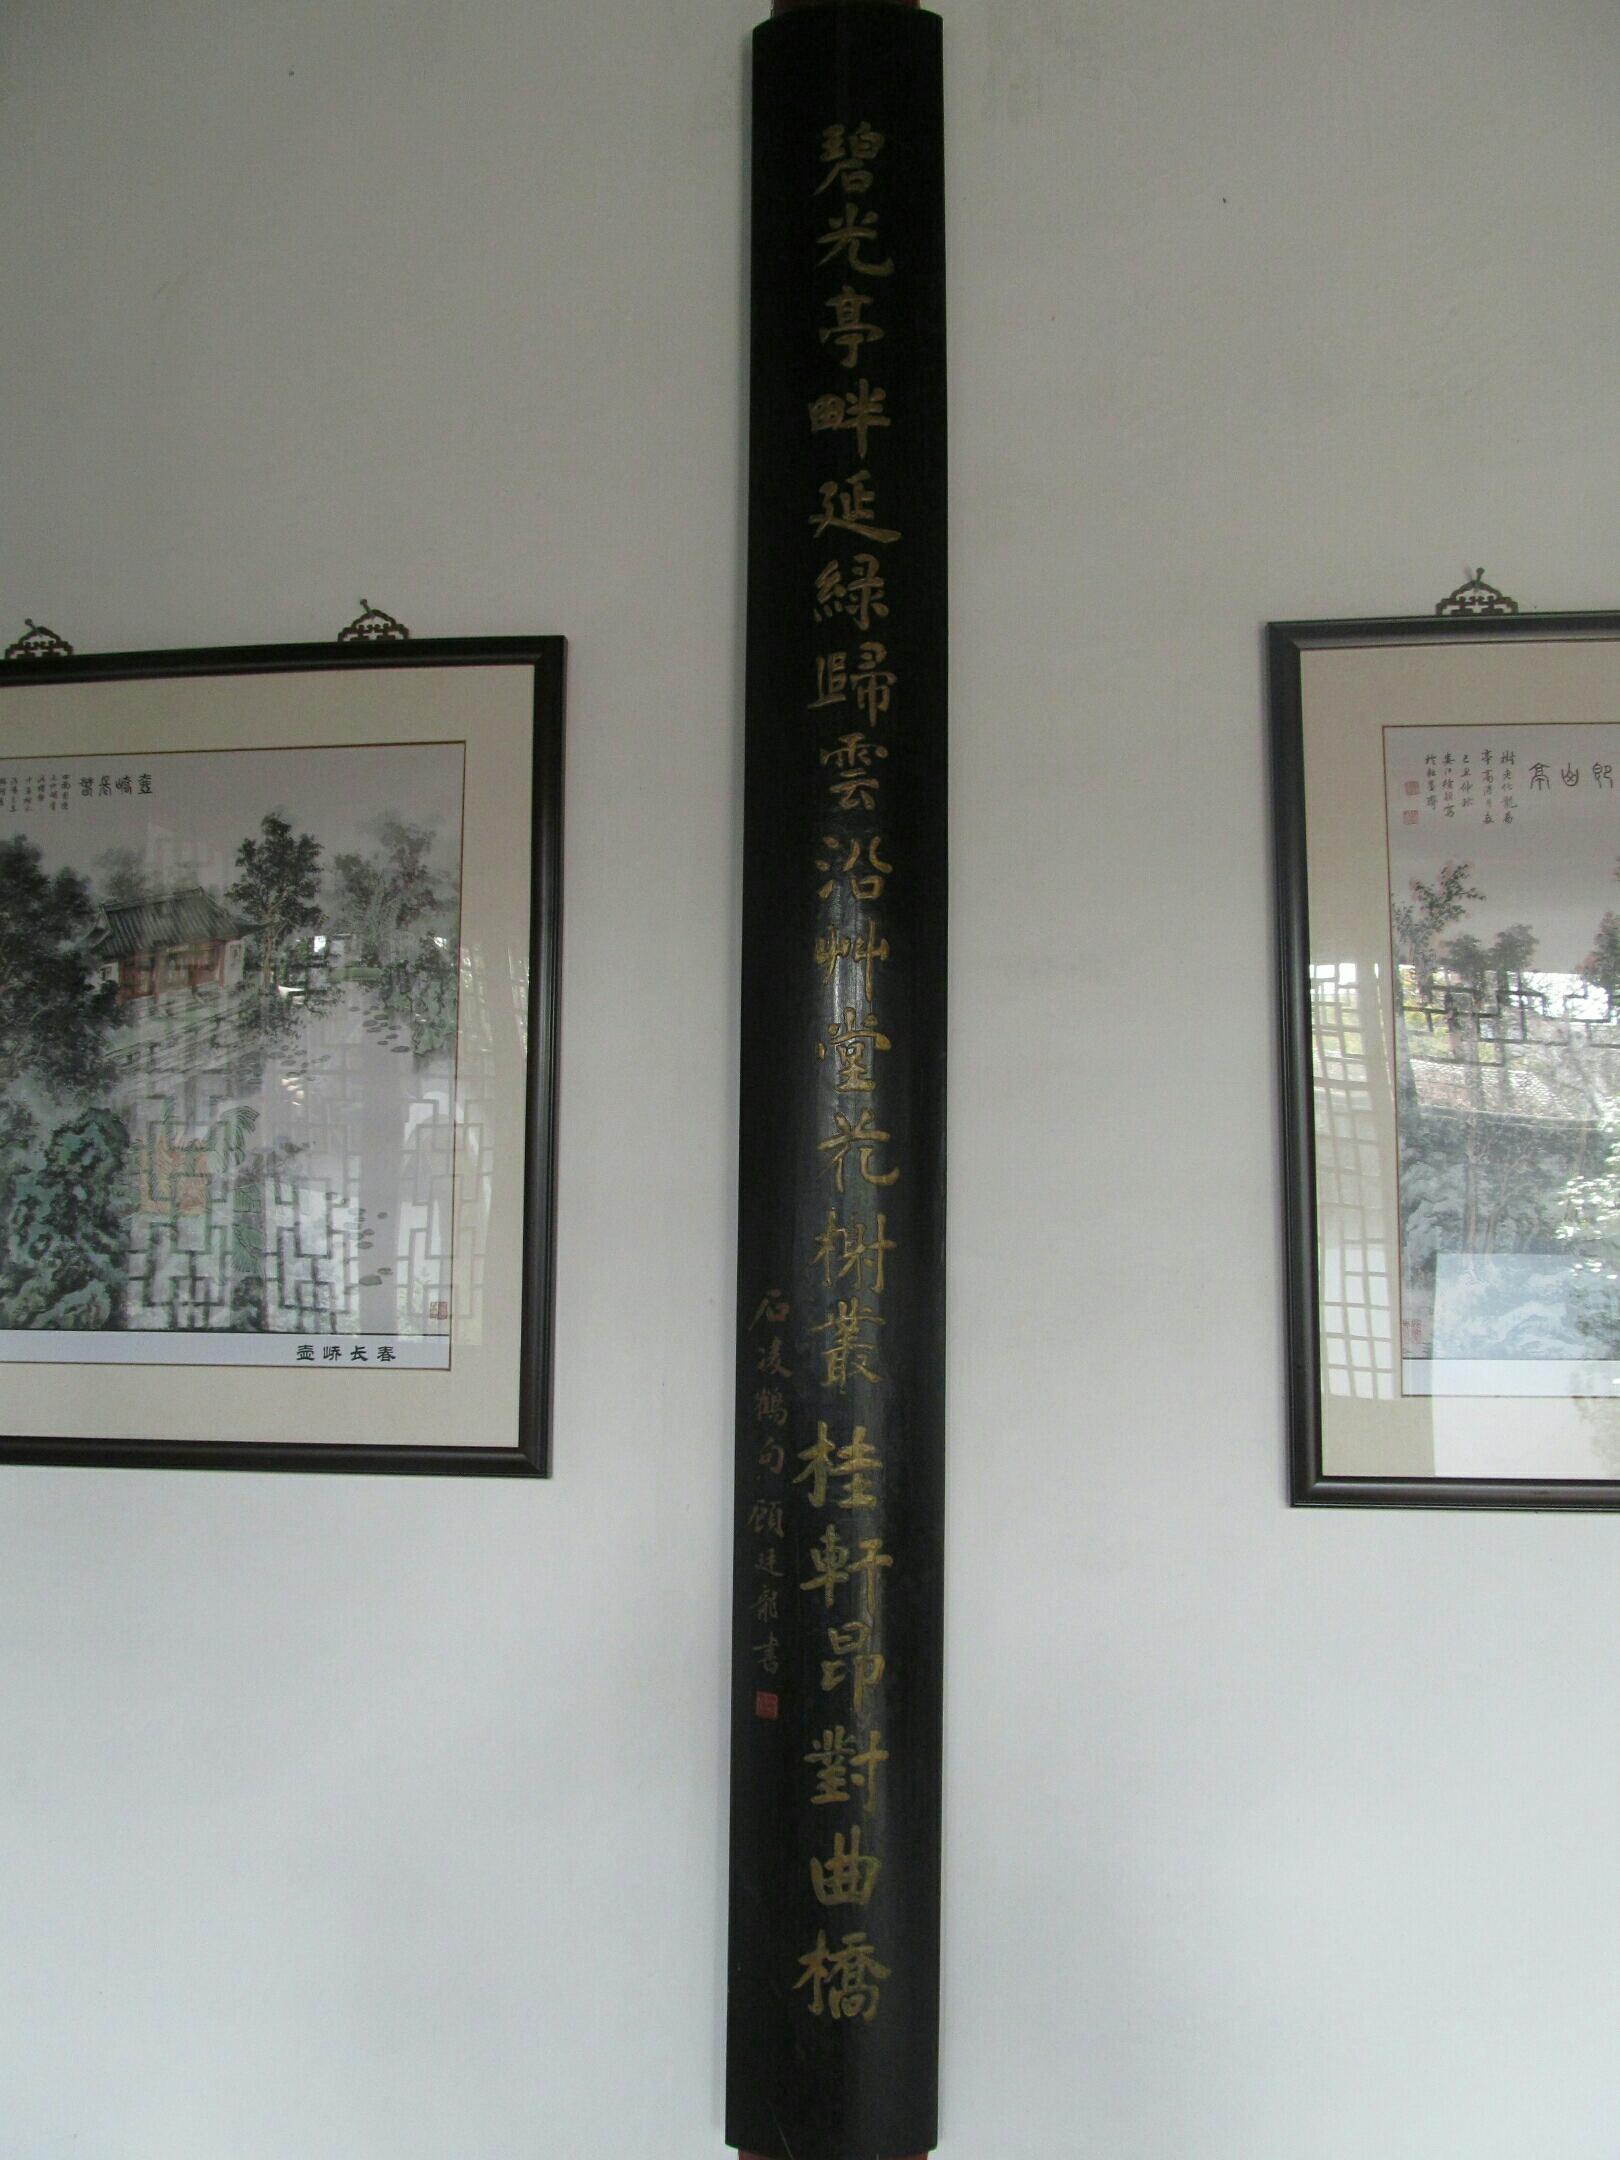 江南古典名园秋霞圃景色 《习作五》